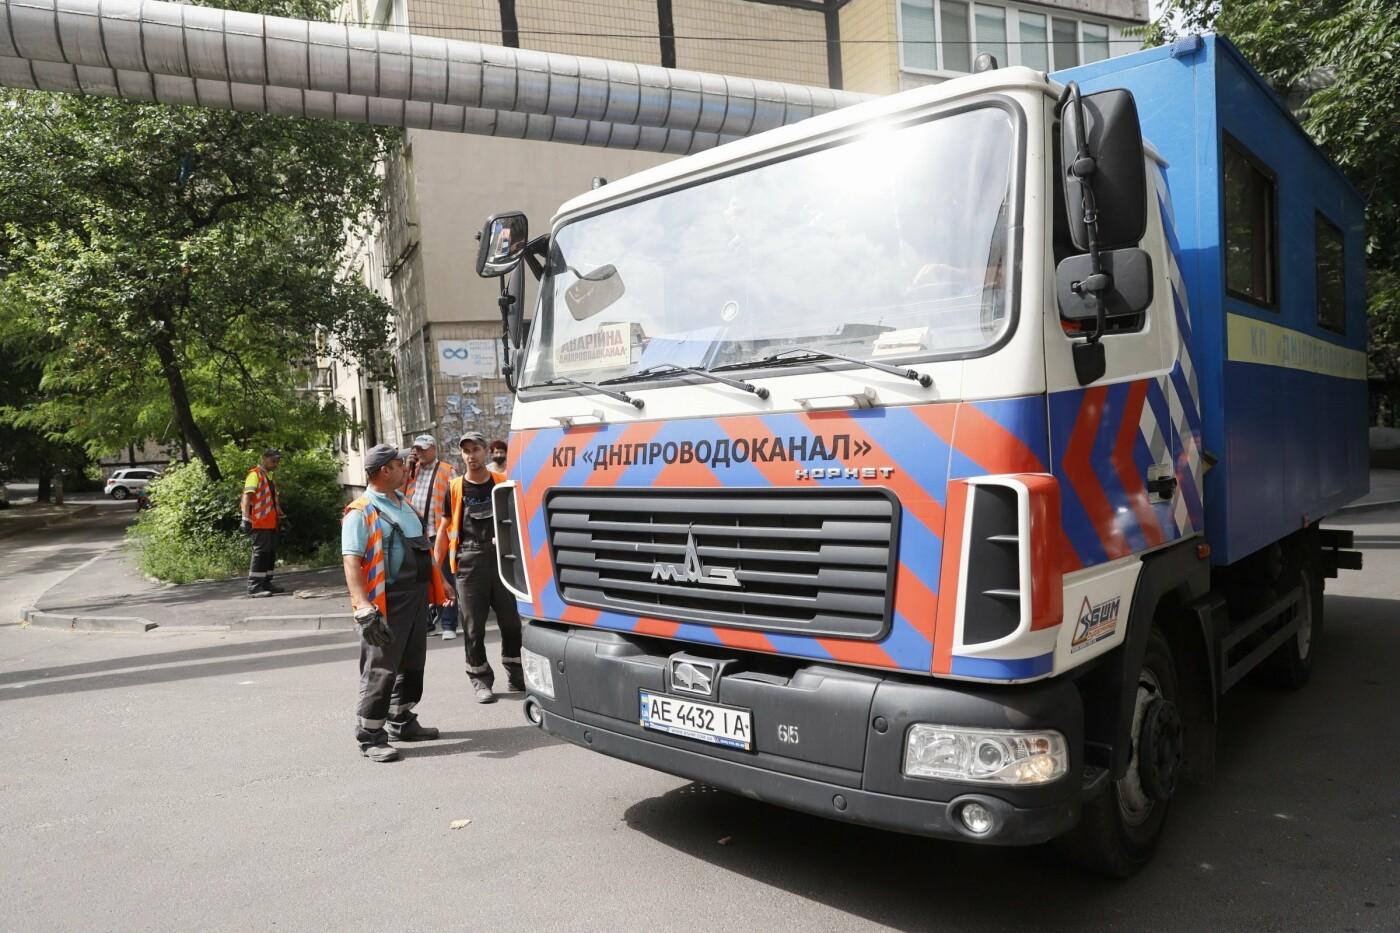 Борис Филатов: Контакт-центры Днепра являются передовой борьбой с коммунальными проблемами, фото-7